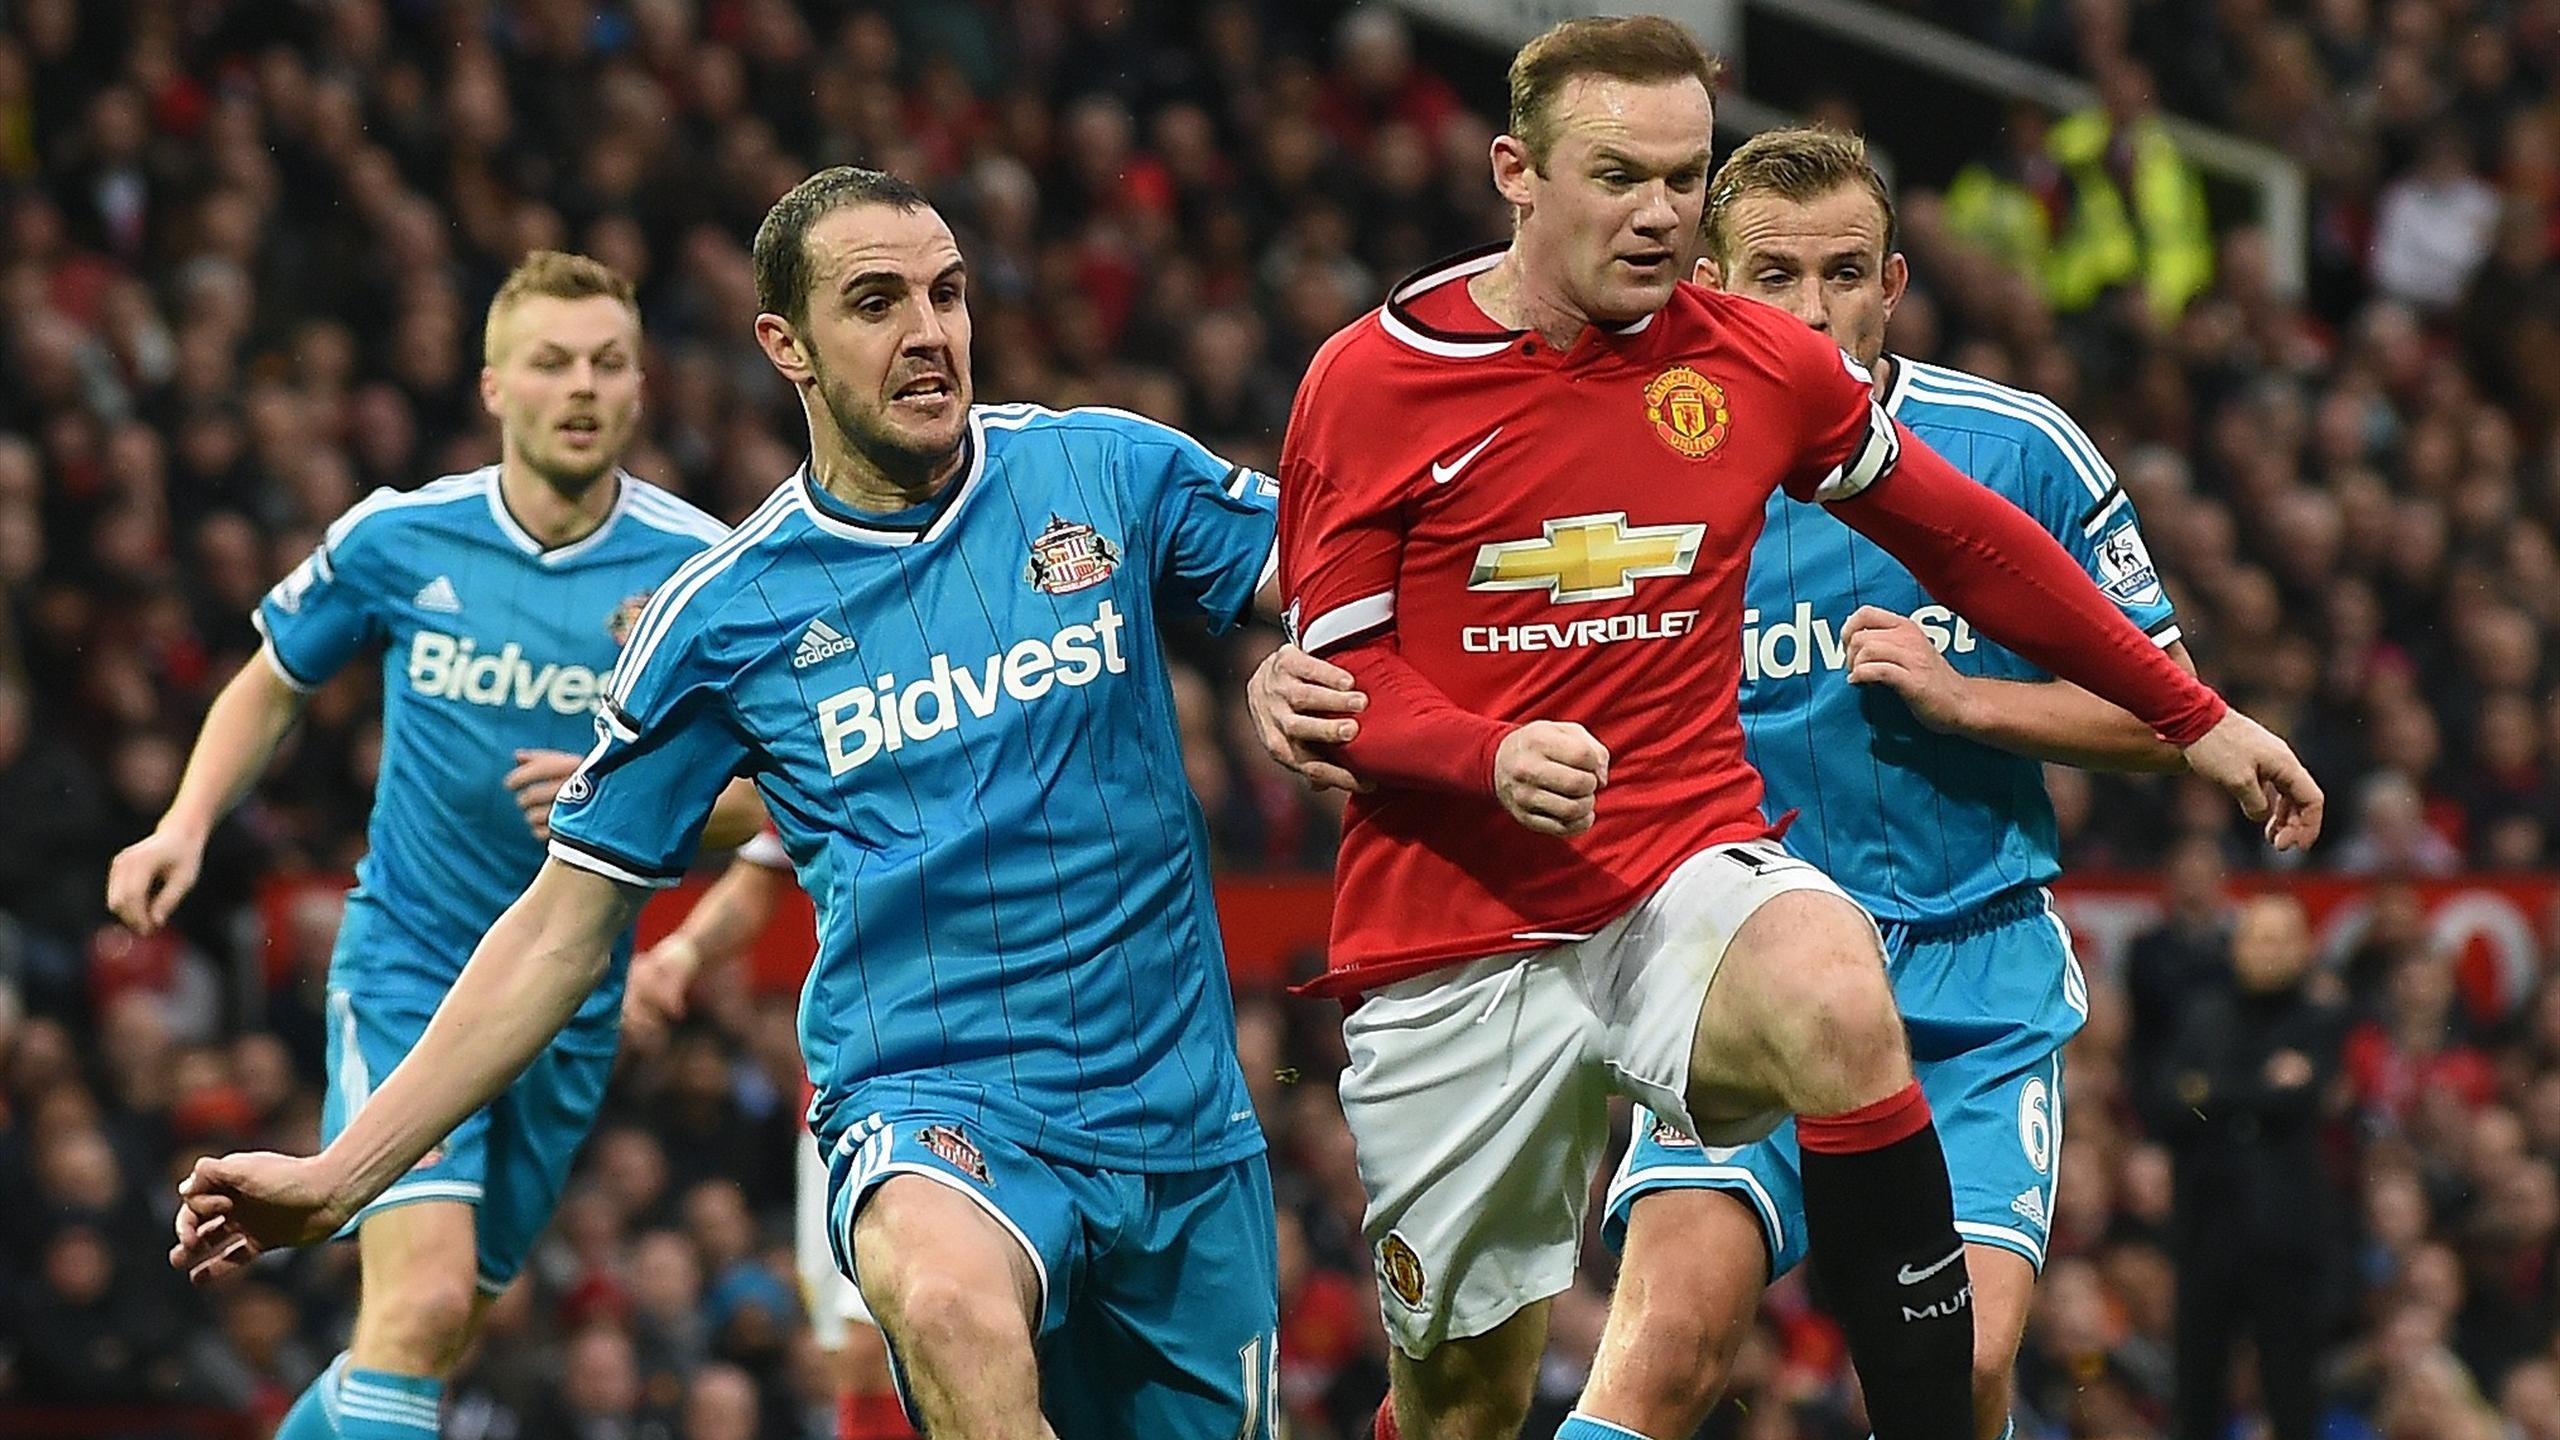 Wayne Rooney (Manchester United), double buteur face à Sunderland - 28/02/2015